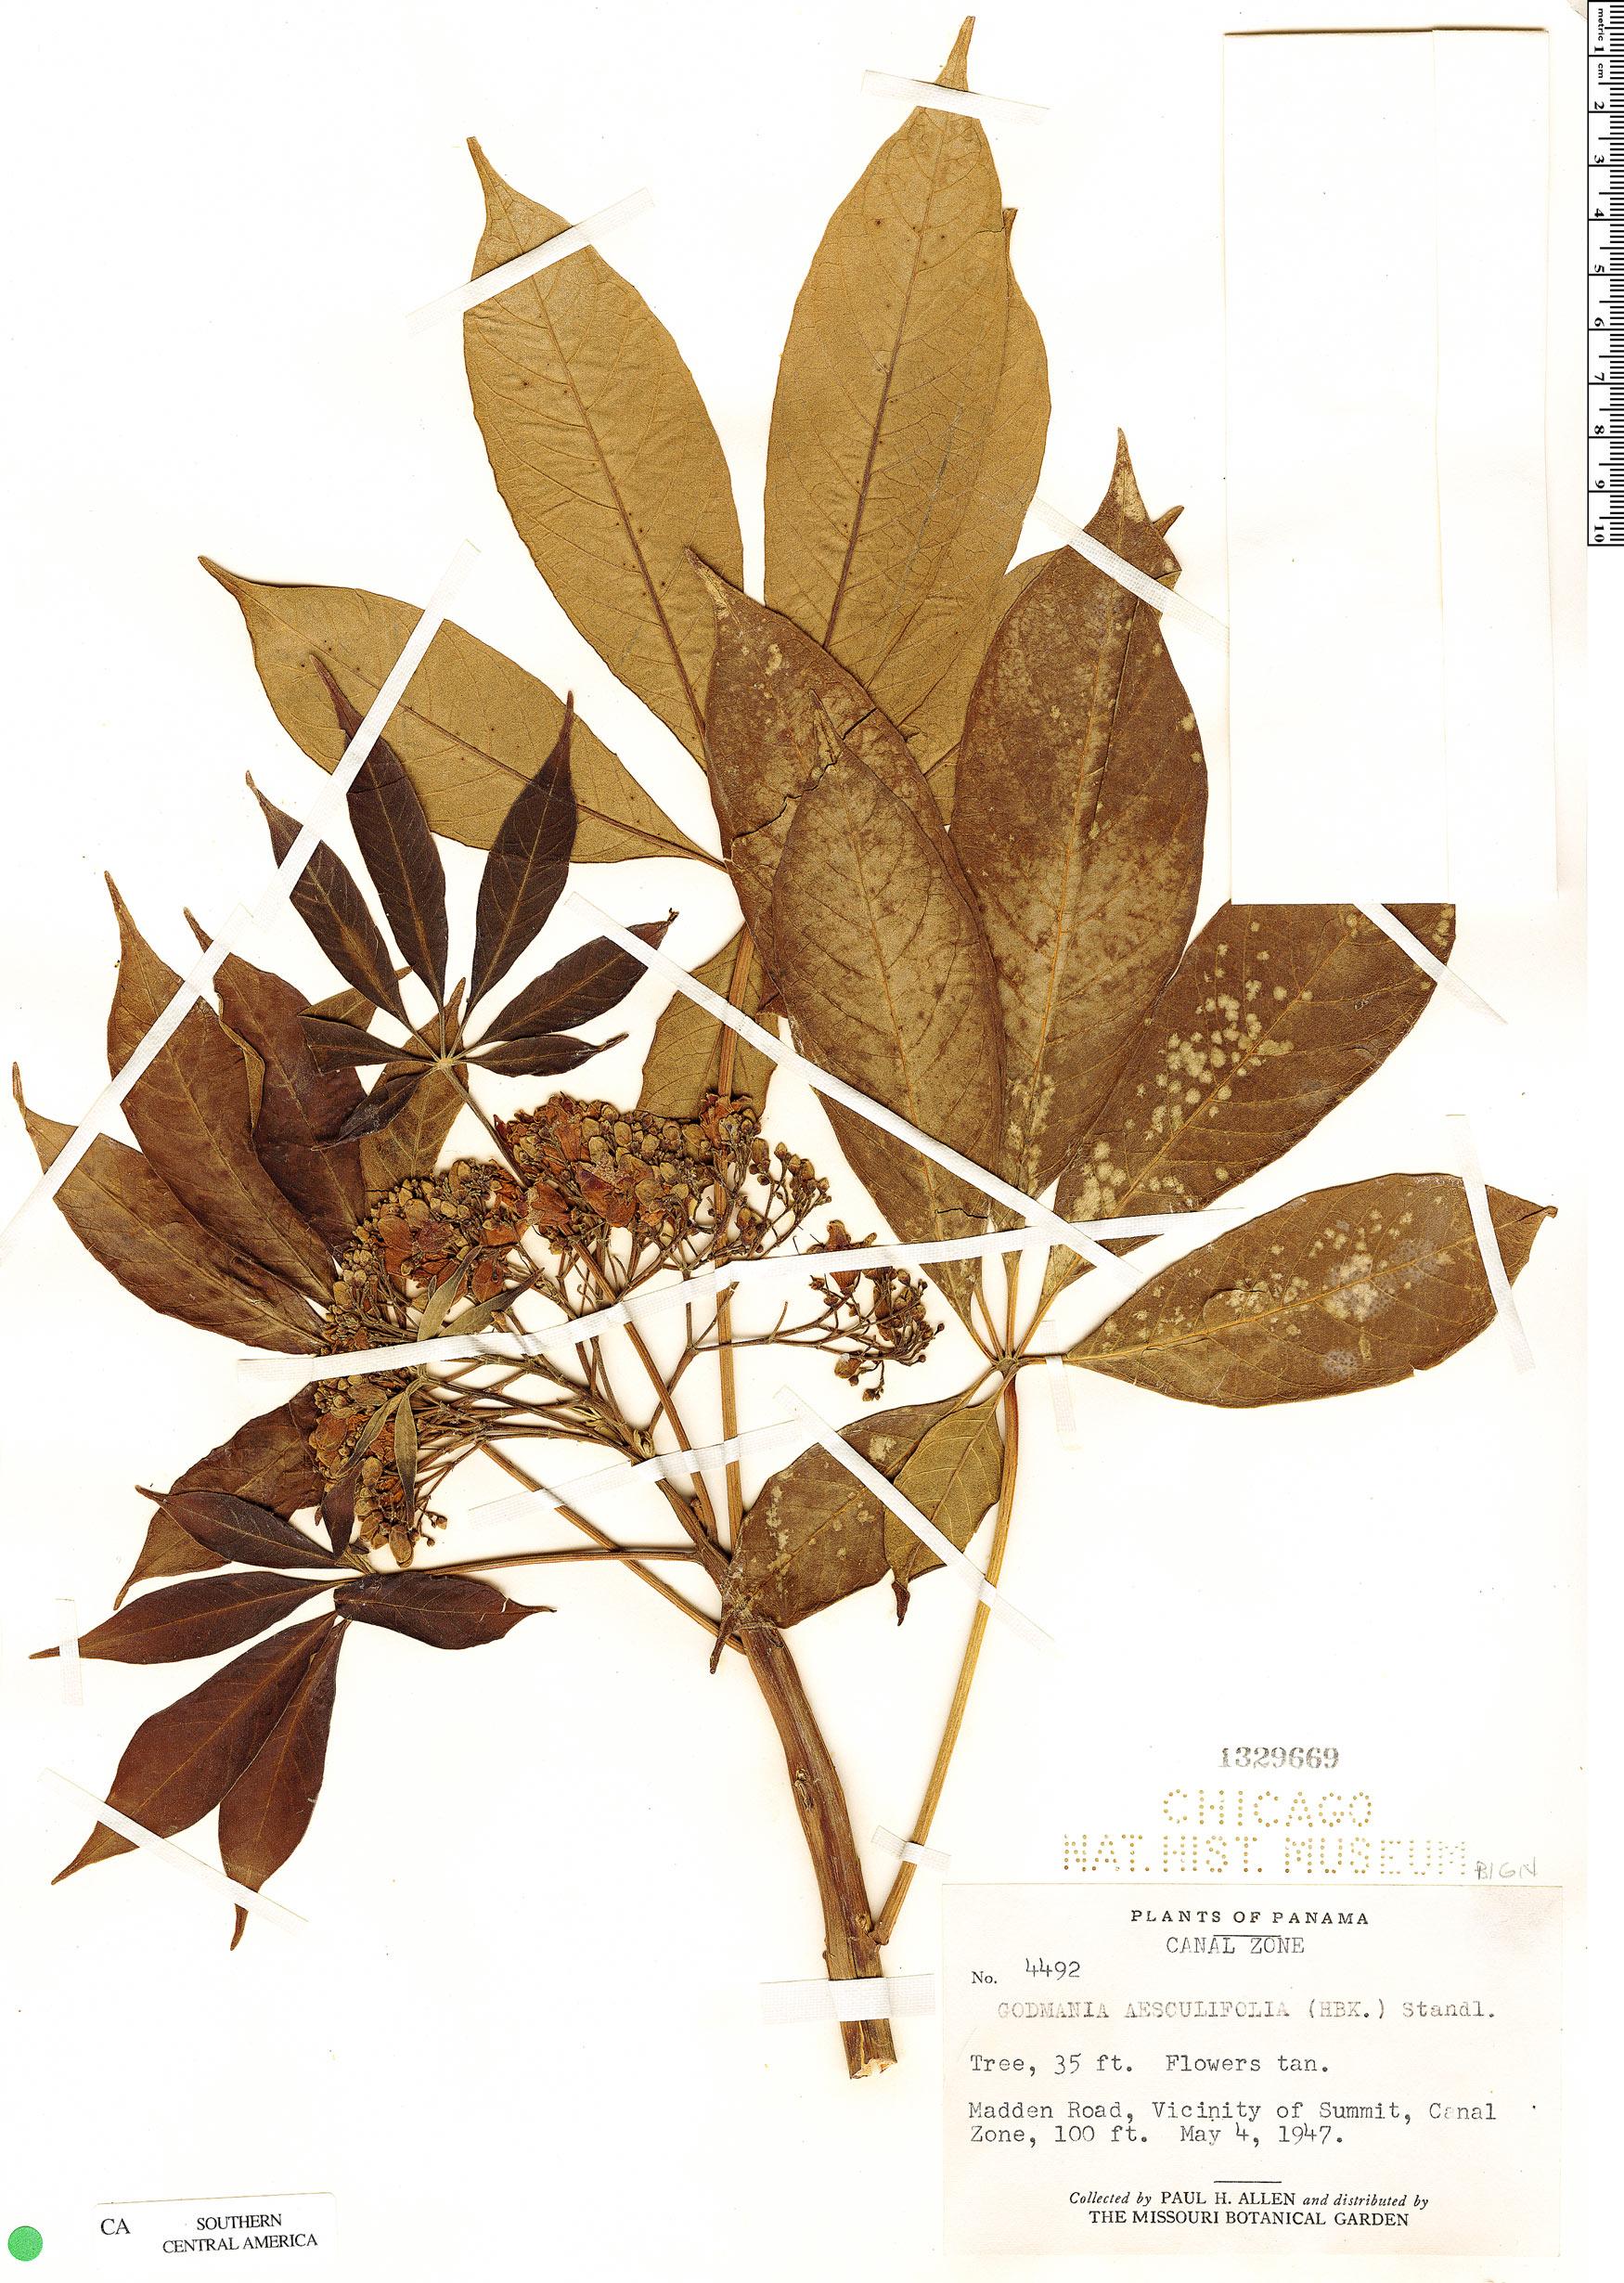 Specimen: Godmania aesculifolia